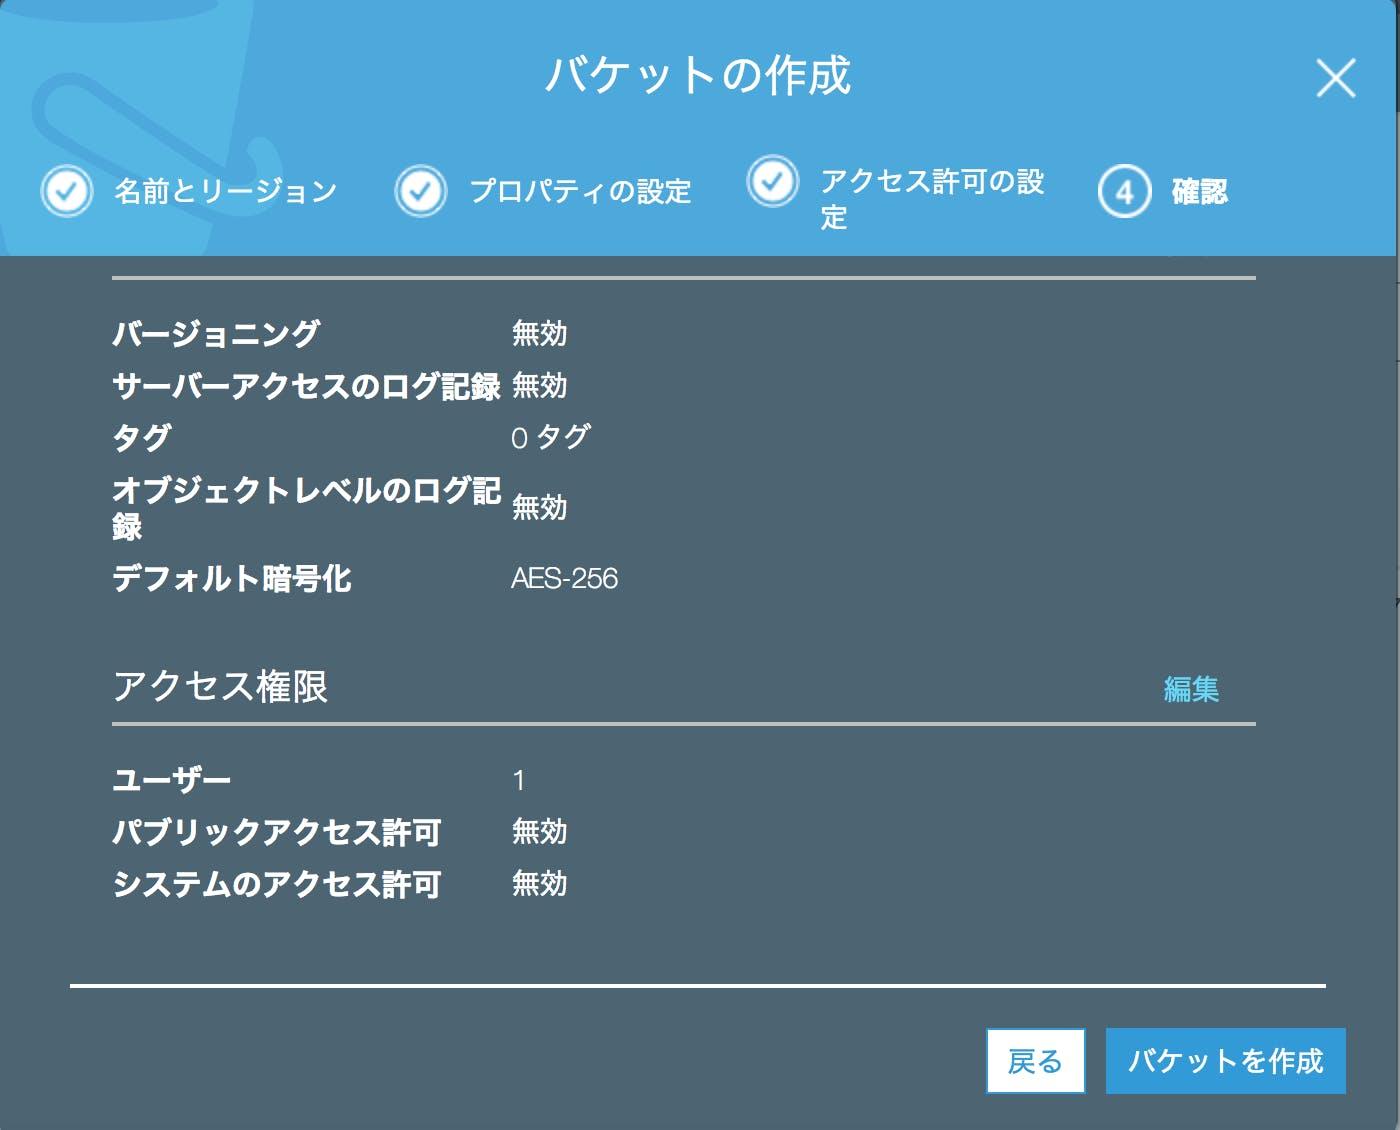 スクリーンショット 2017-12-06 11.32.42.png